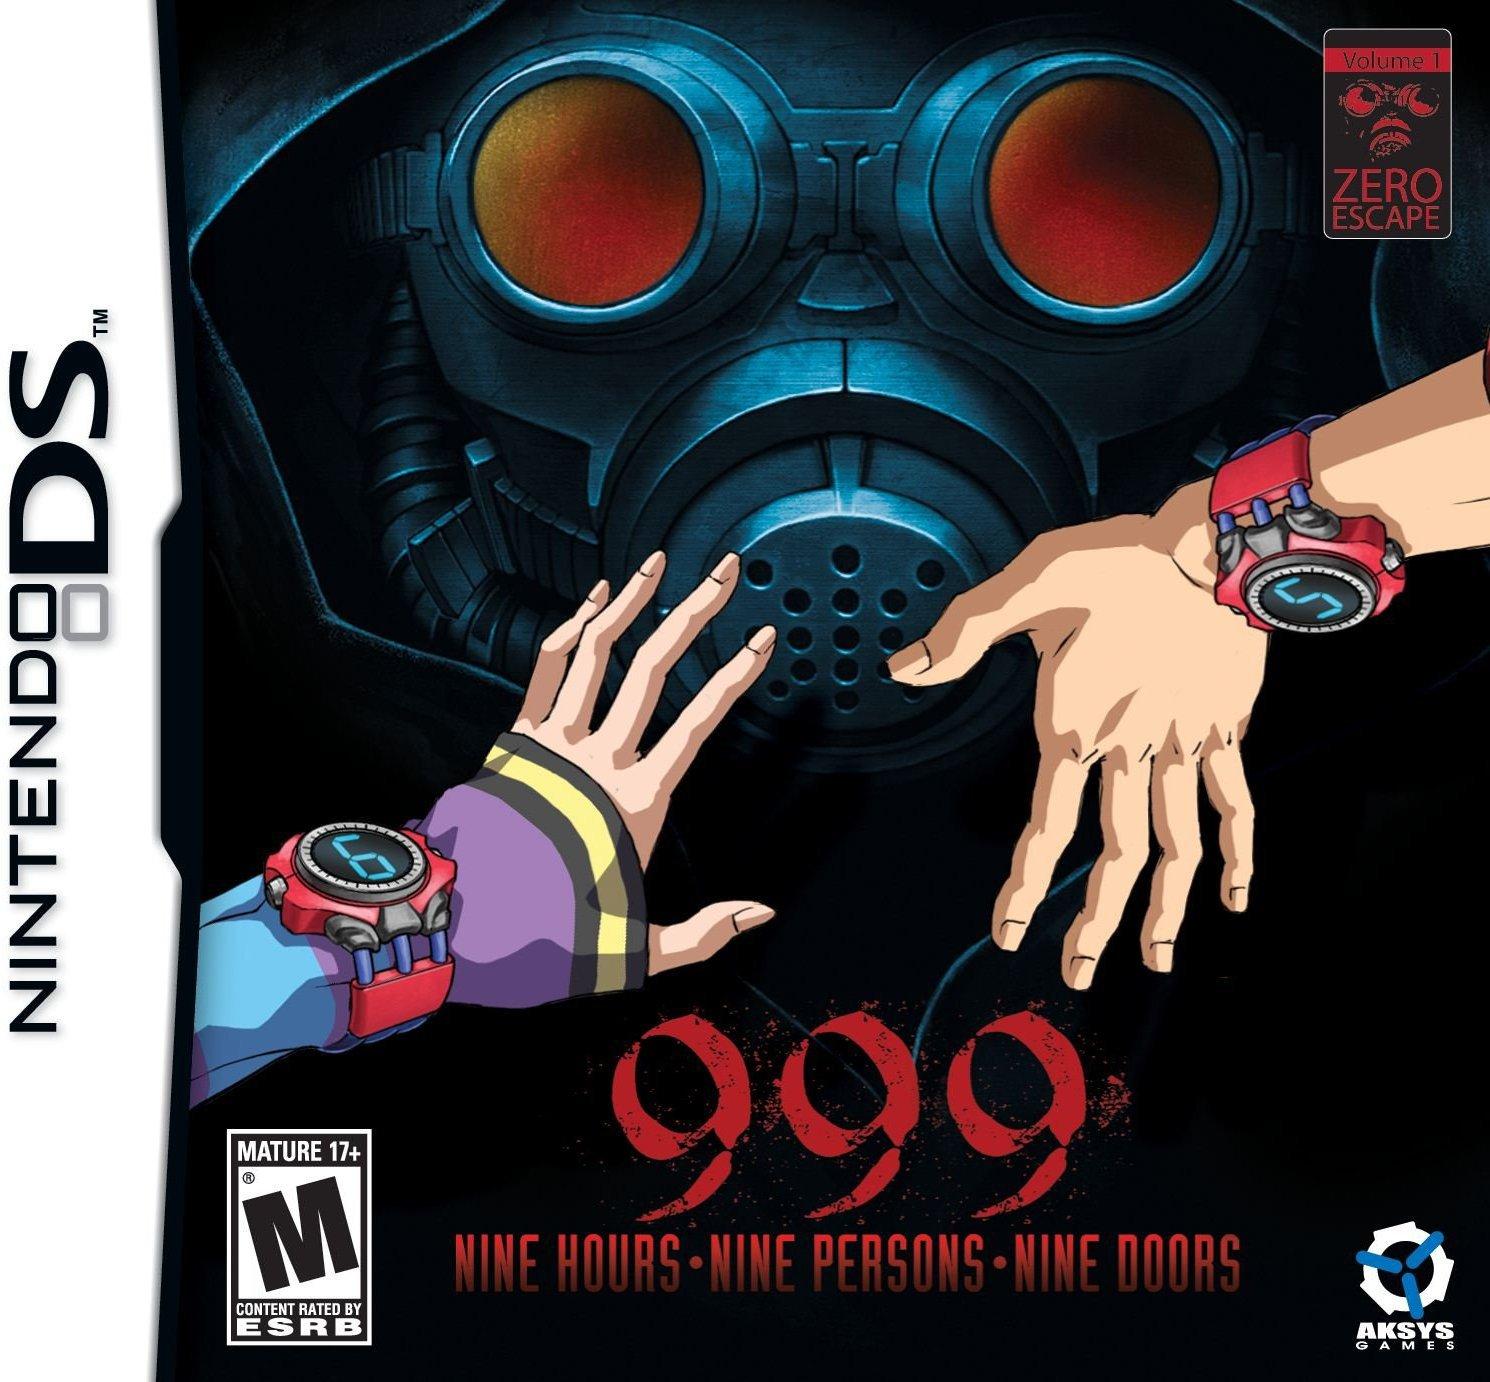 999: 9 Hours 9 Persons 9 Doors